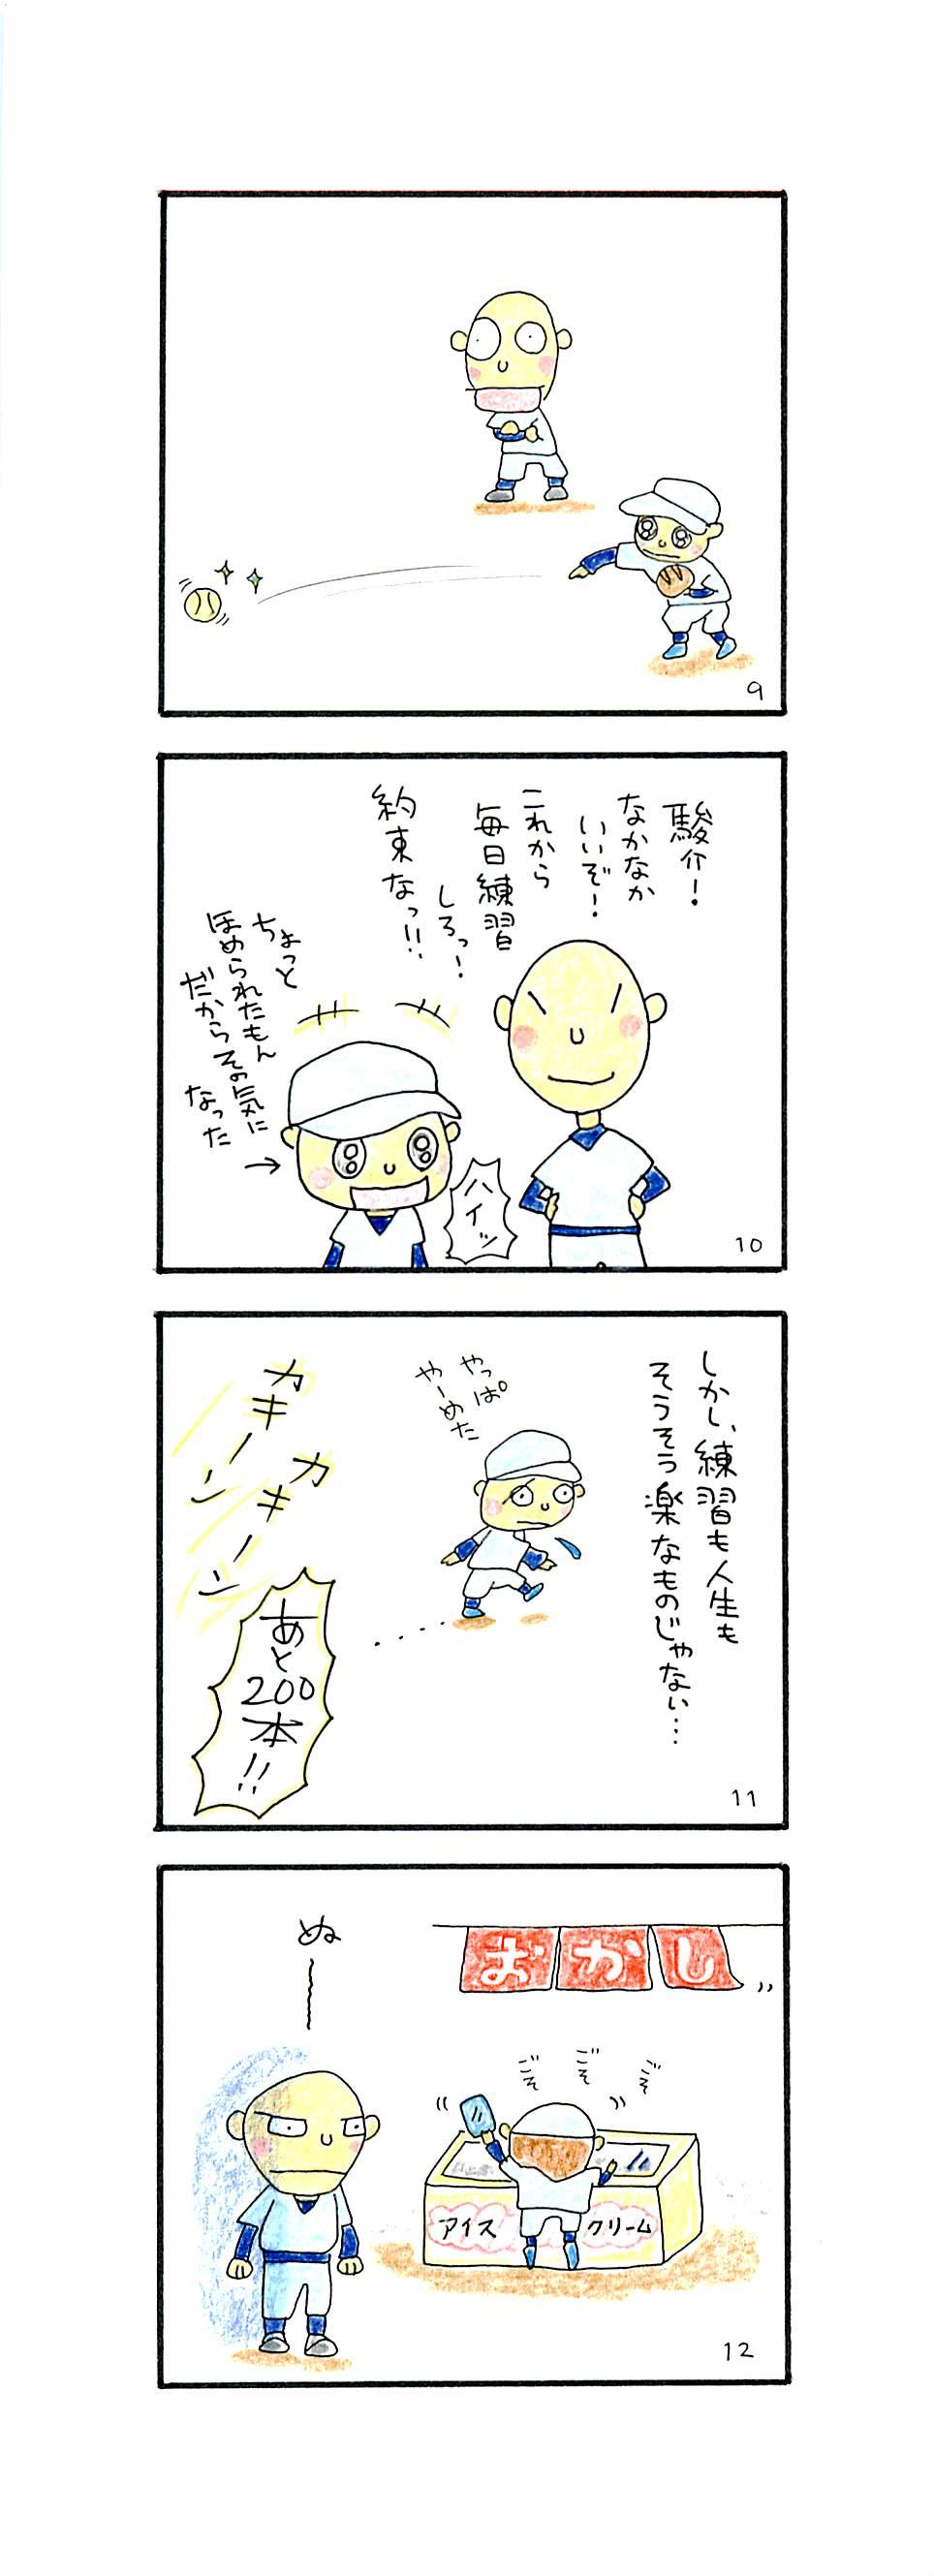 お不動さんp9-p12